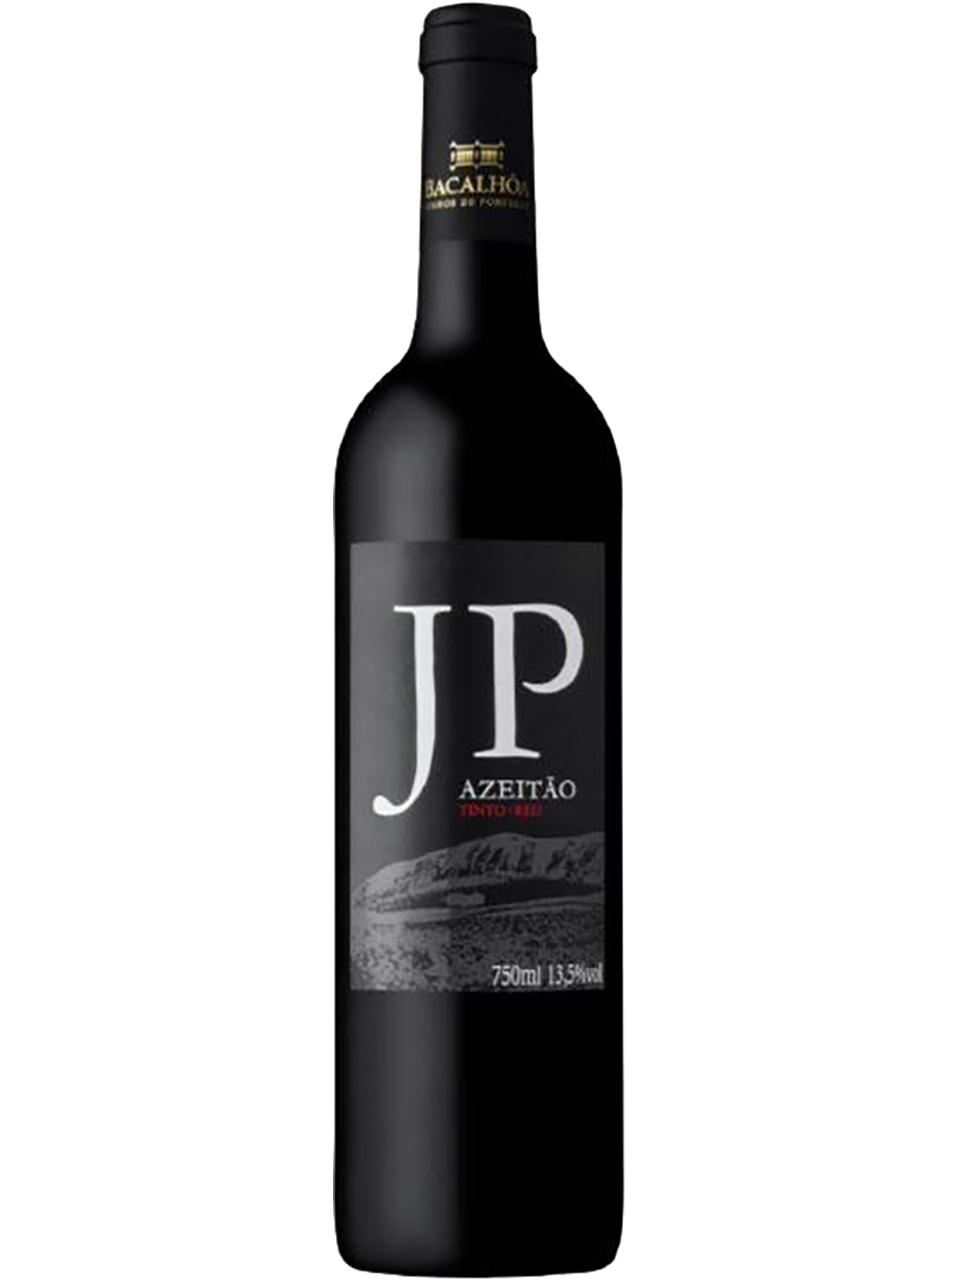 JP Azeitao Red